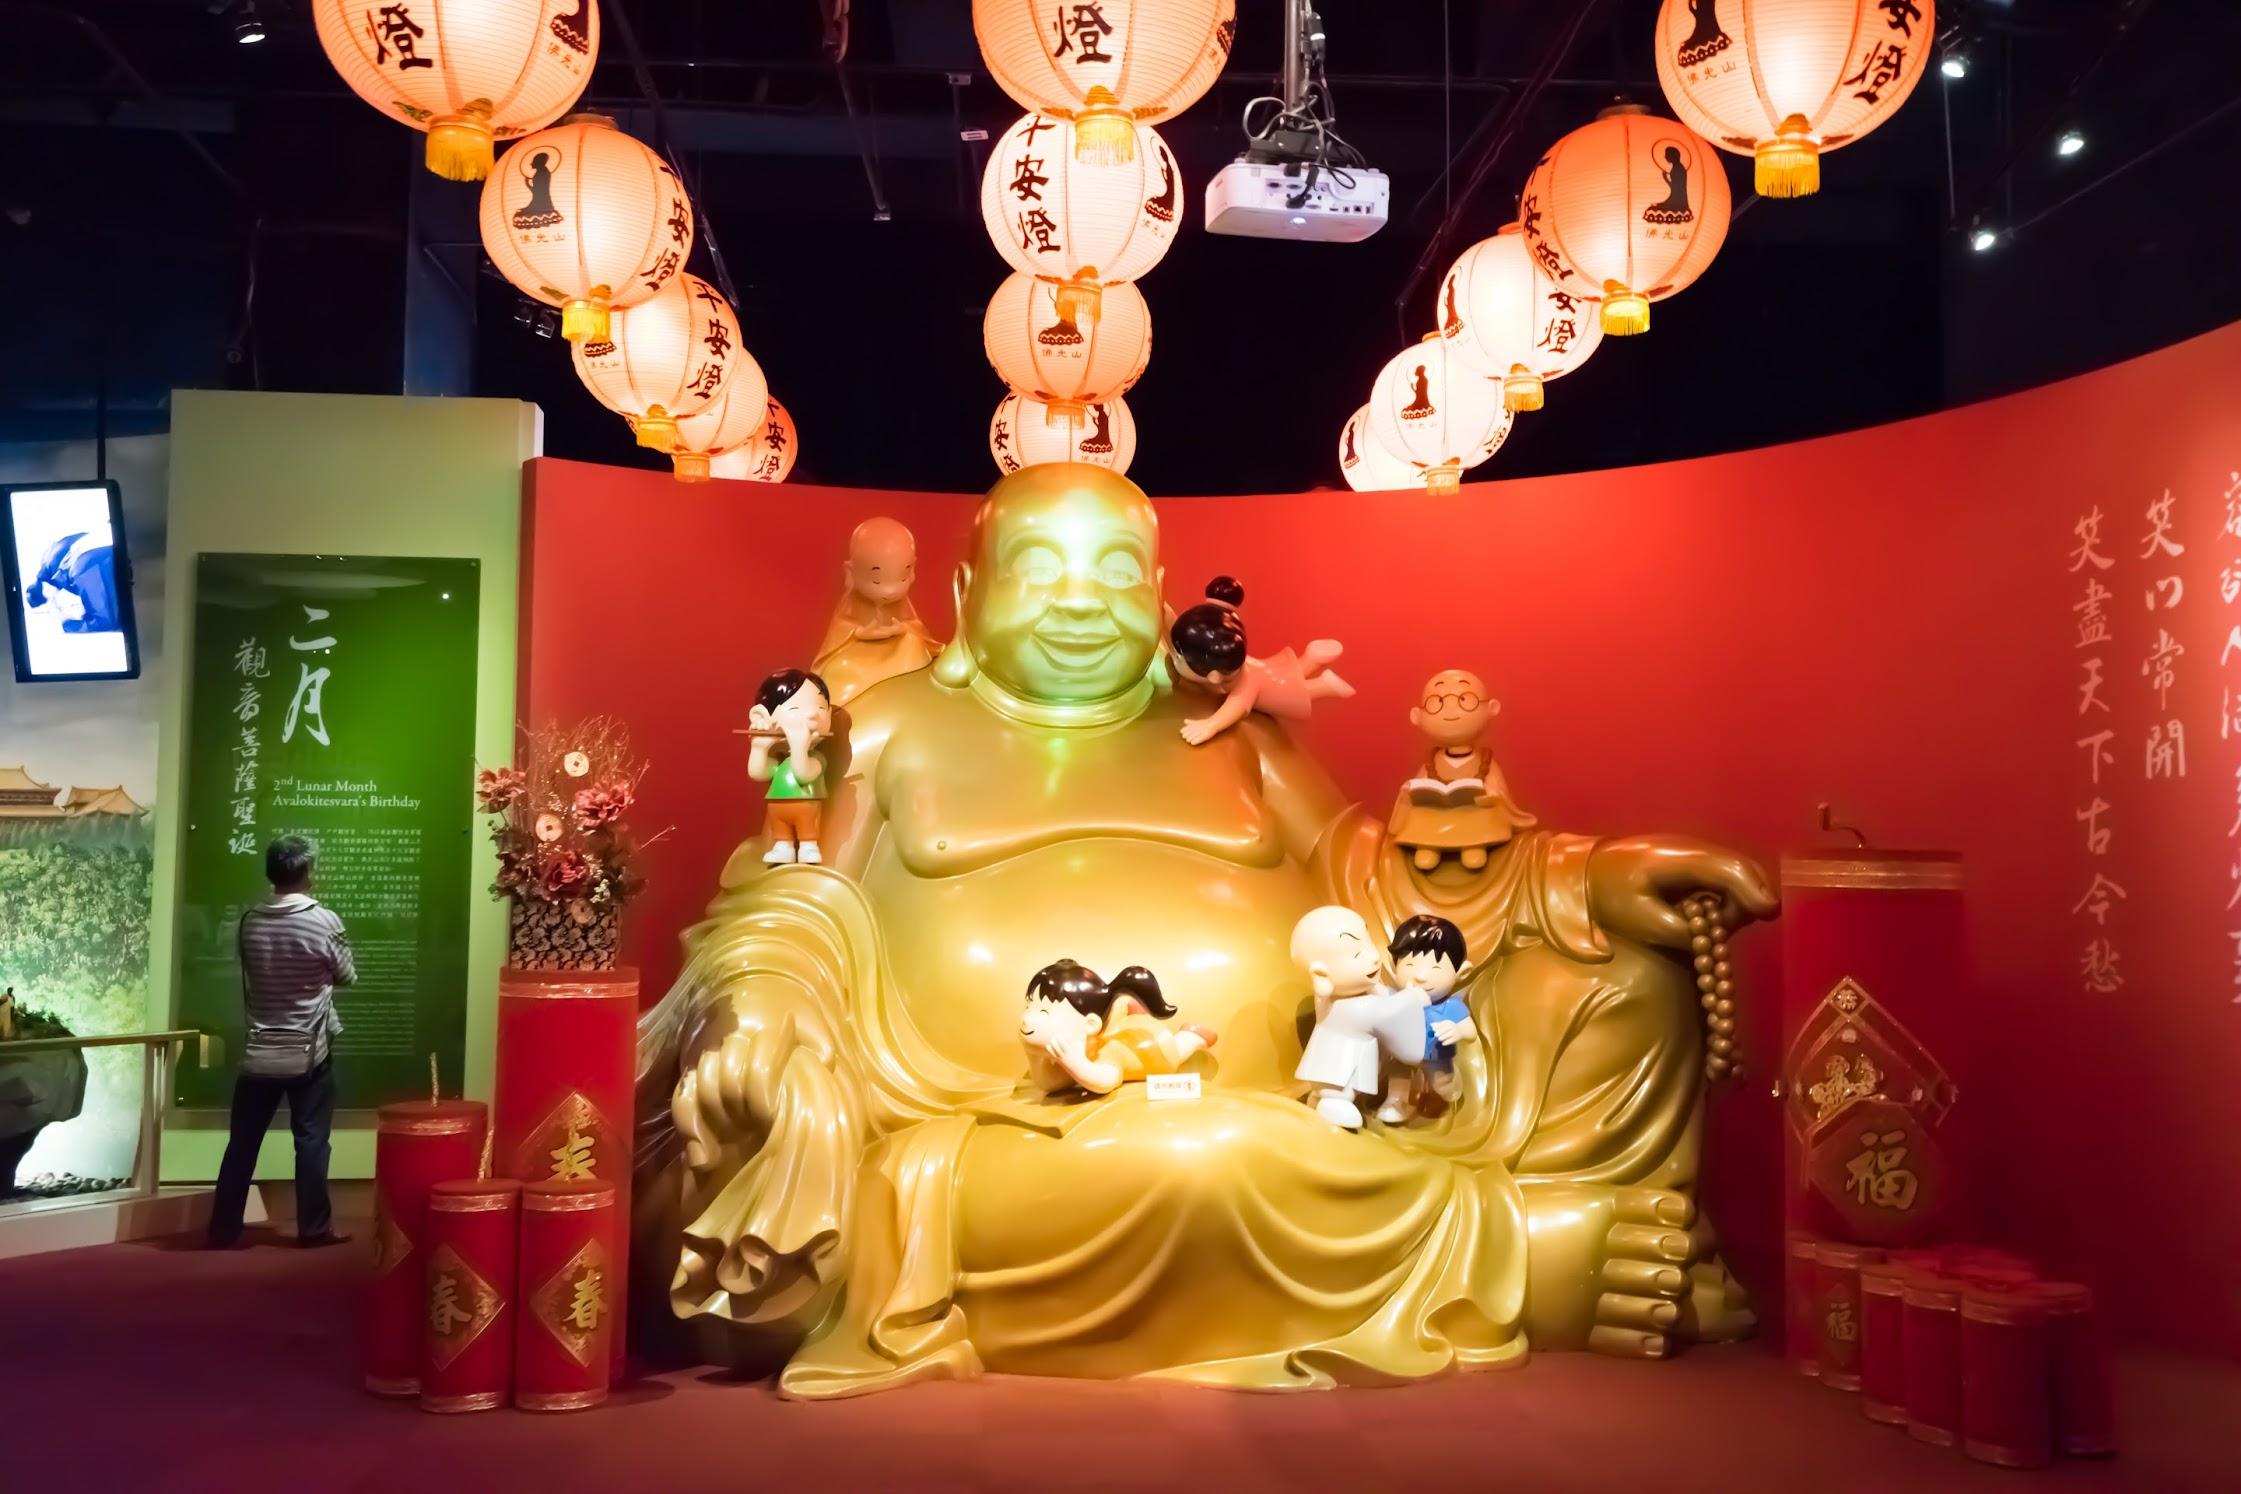 台湾 高雄 佛光山佛陀紀念館 展示3